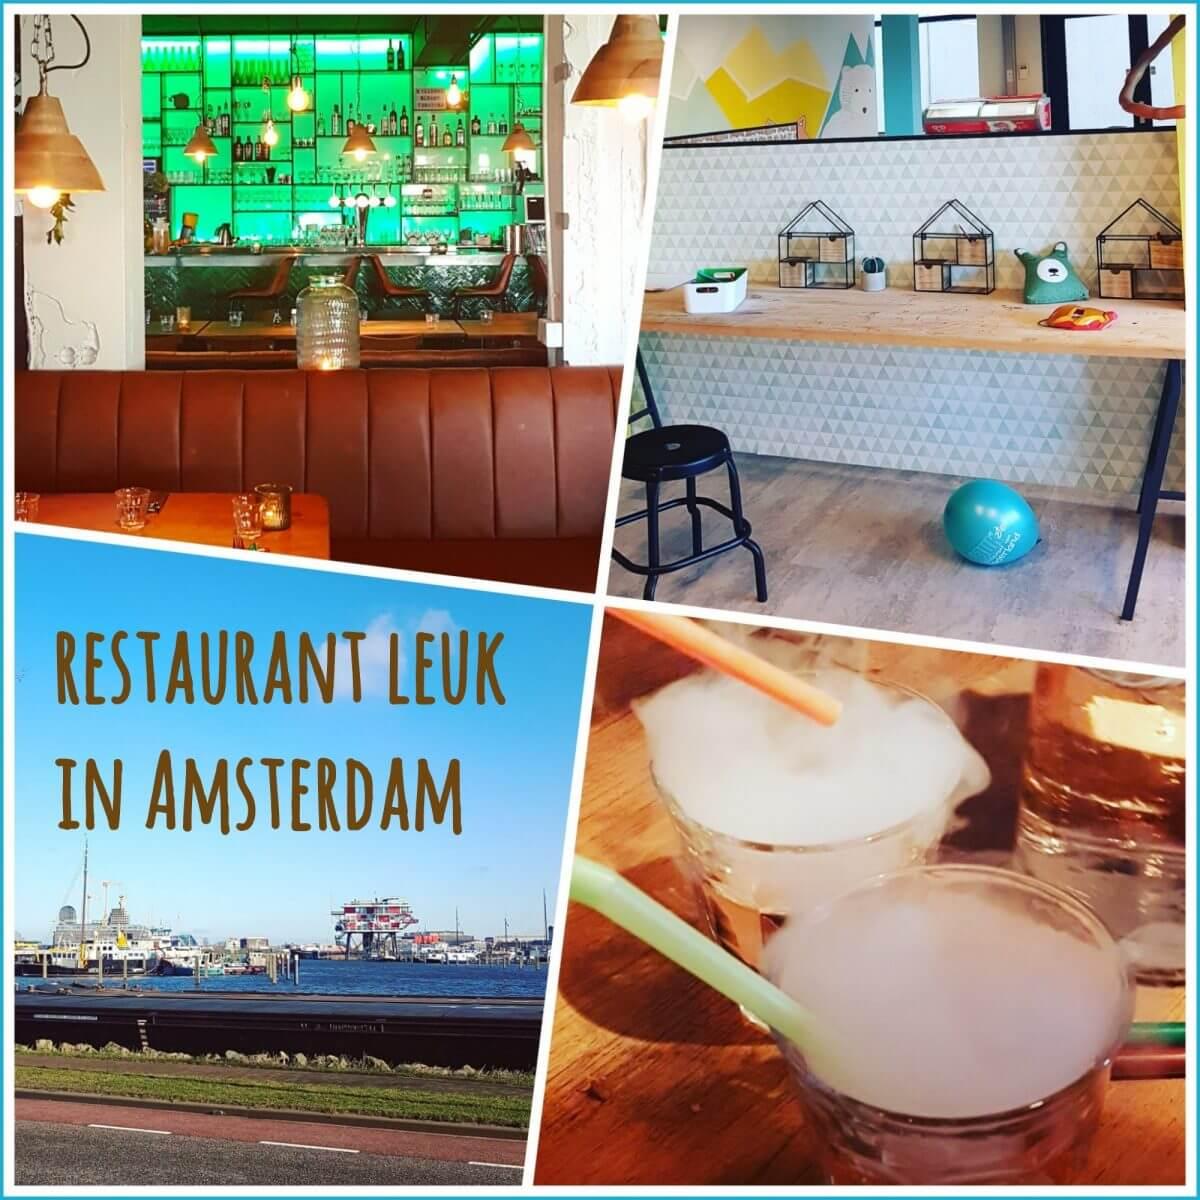 Kindvriendelijk restaurant LEUK Amsterdam: lekker kletsen terwijl de kids in de speelzaal spelen, Houthavens Amsterdam West kinderen, Dantzigerkade 8,